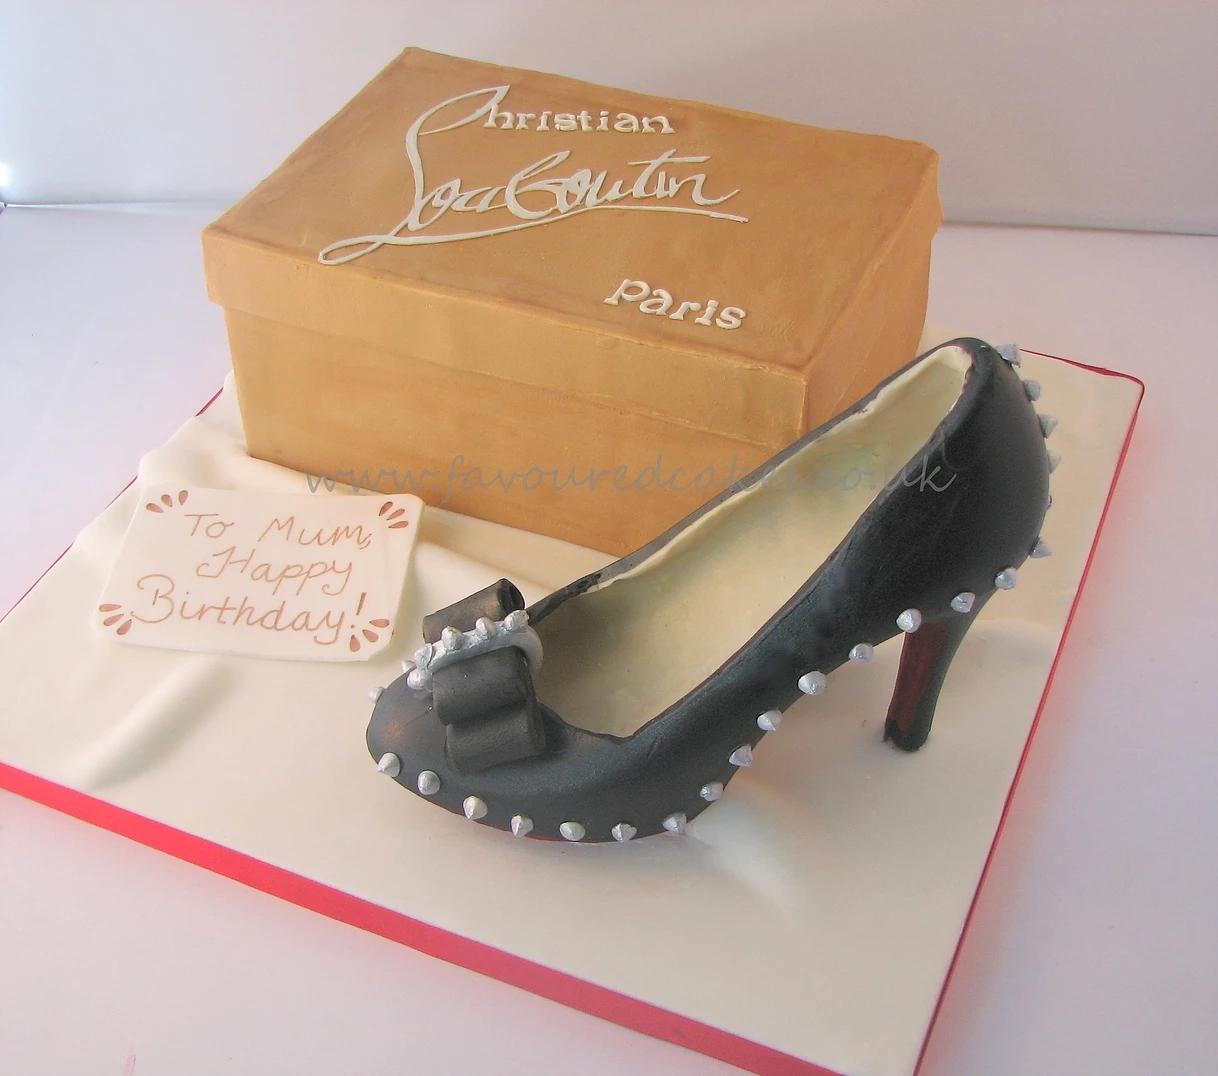 Louboutin Shoe Box Cake SH05 Louboutin Shoe Box Cake SH05